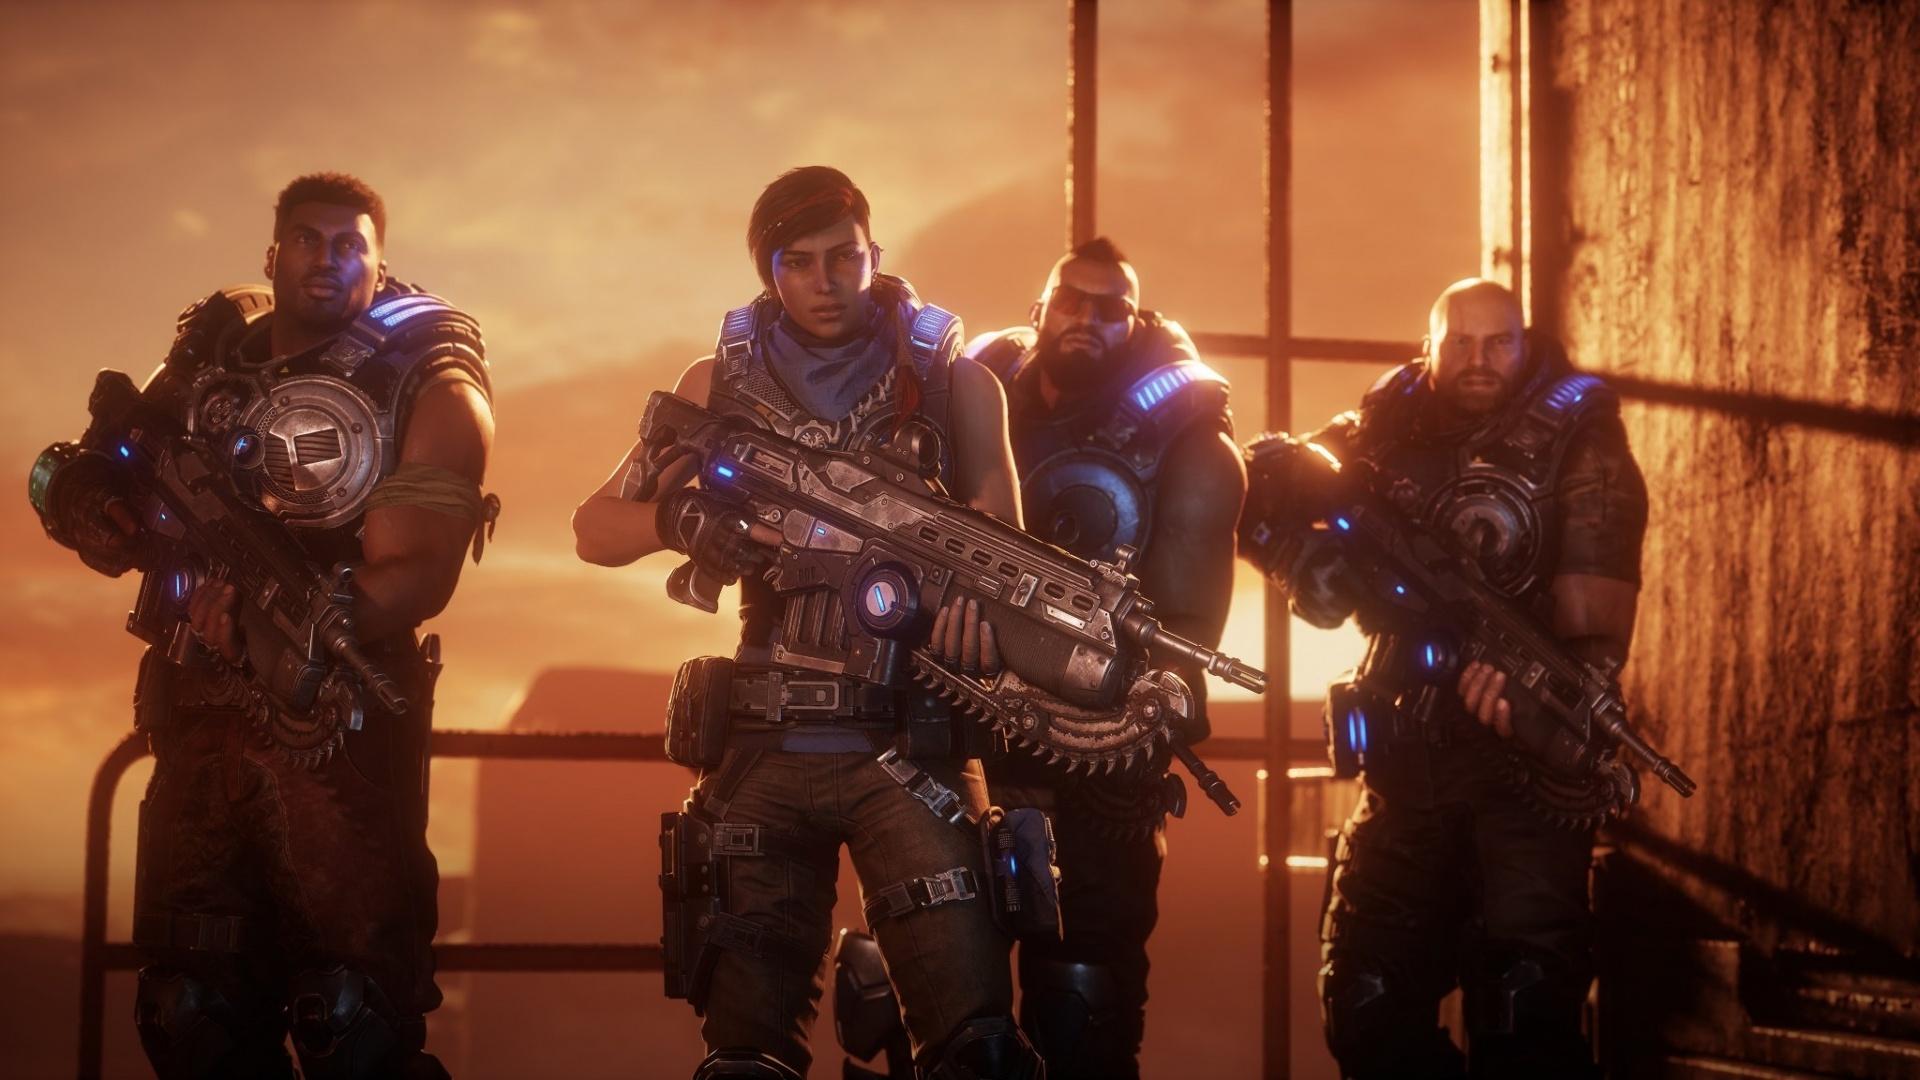 Долгожданная эволюция: в Gears5 появятся элементы RPG и открытого мира